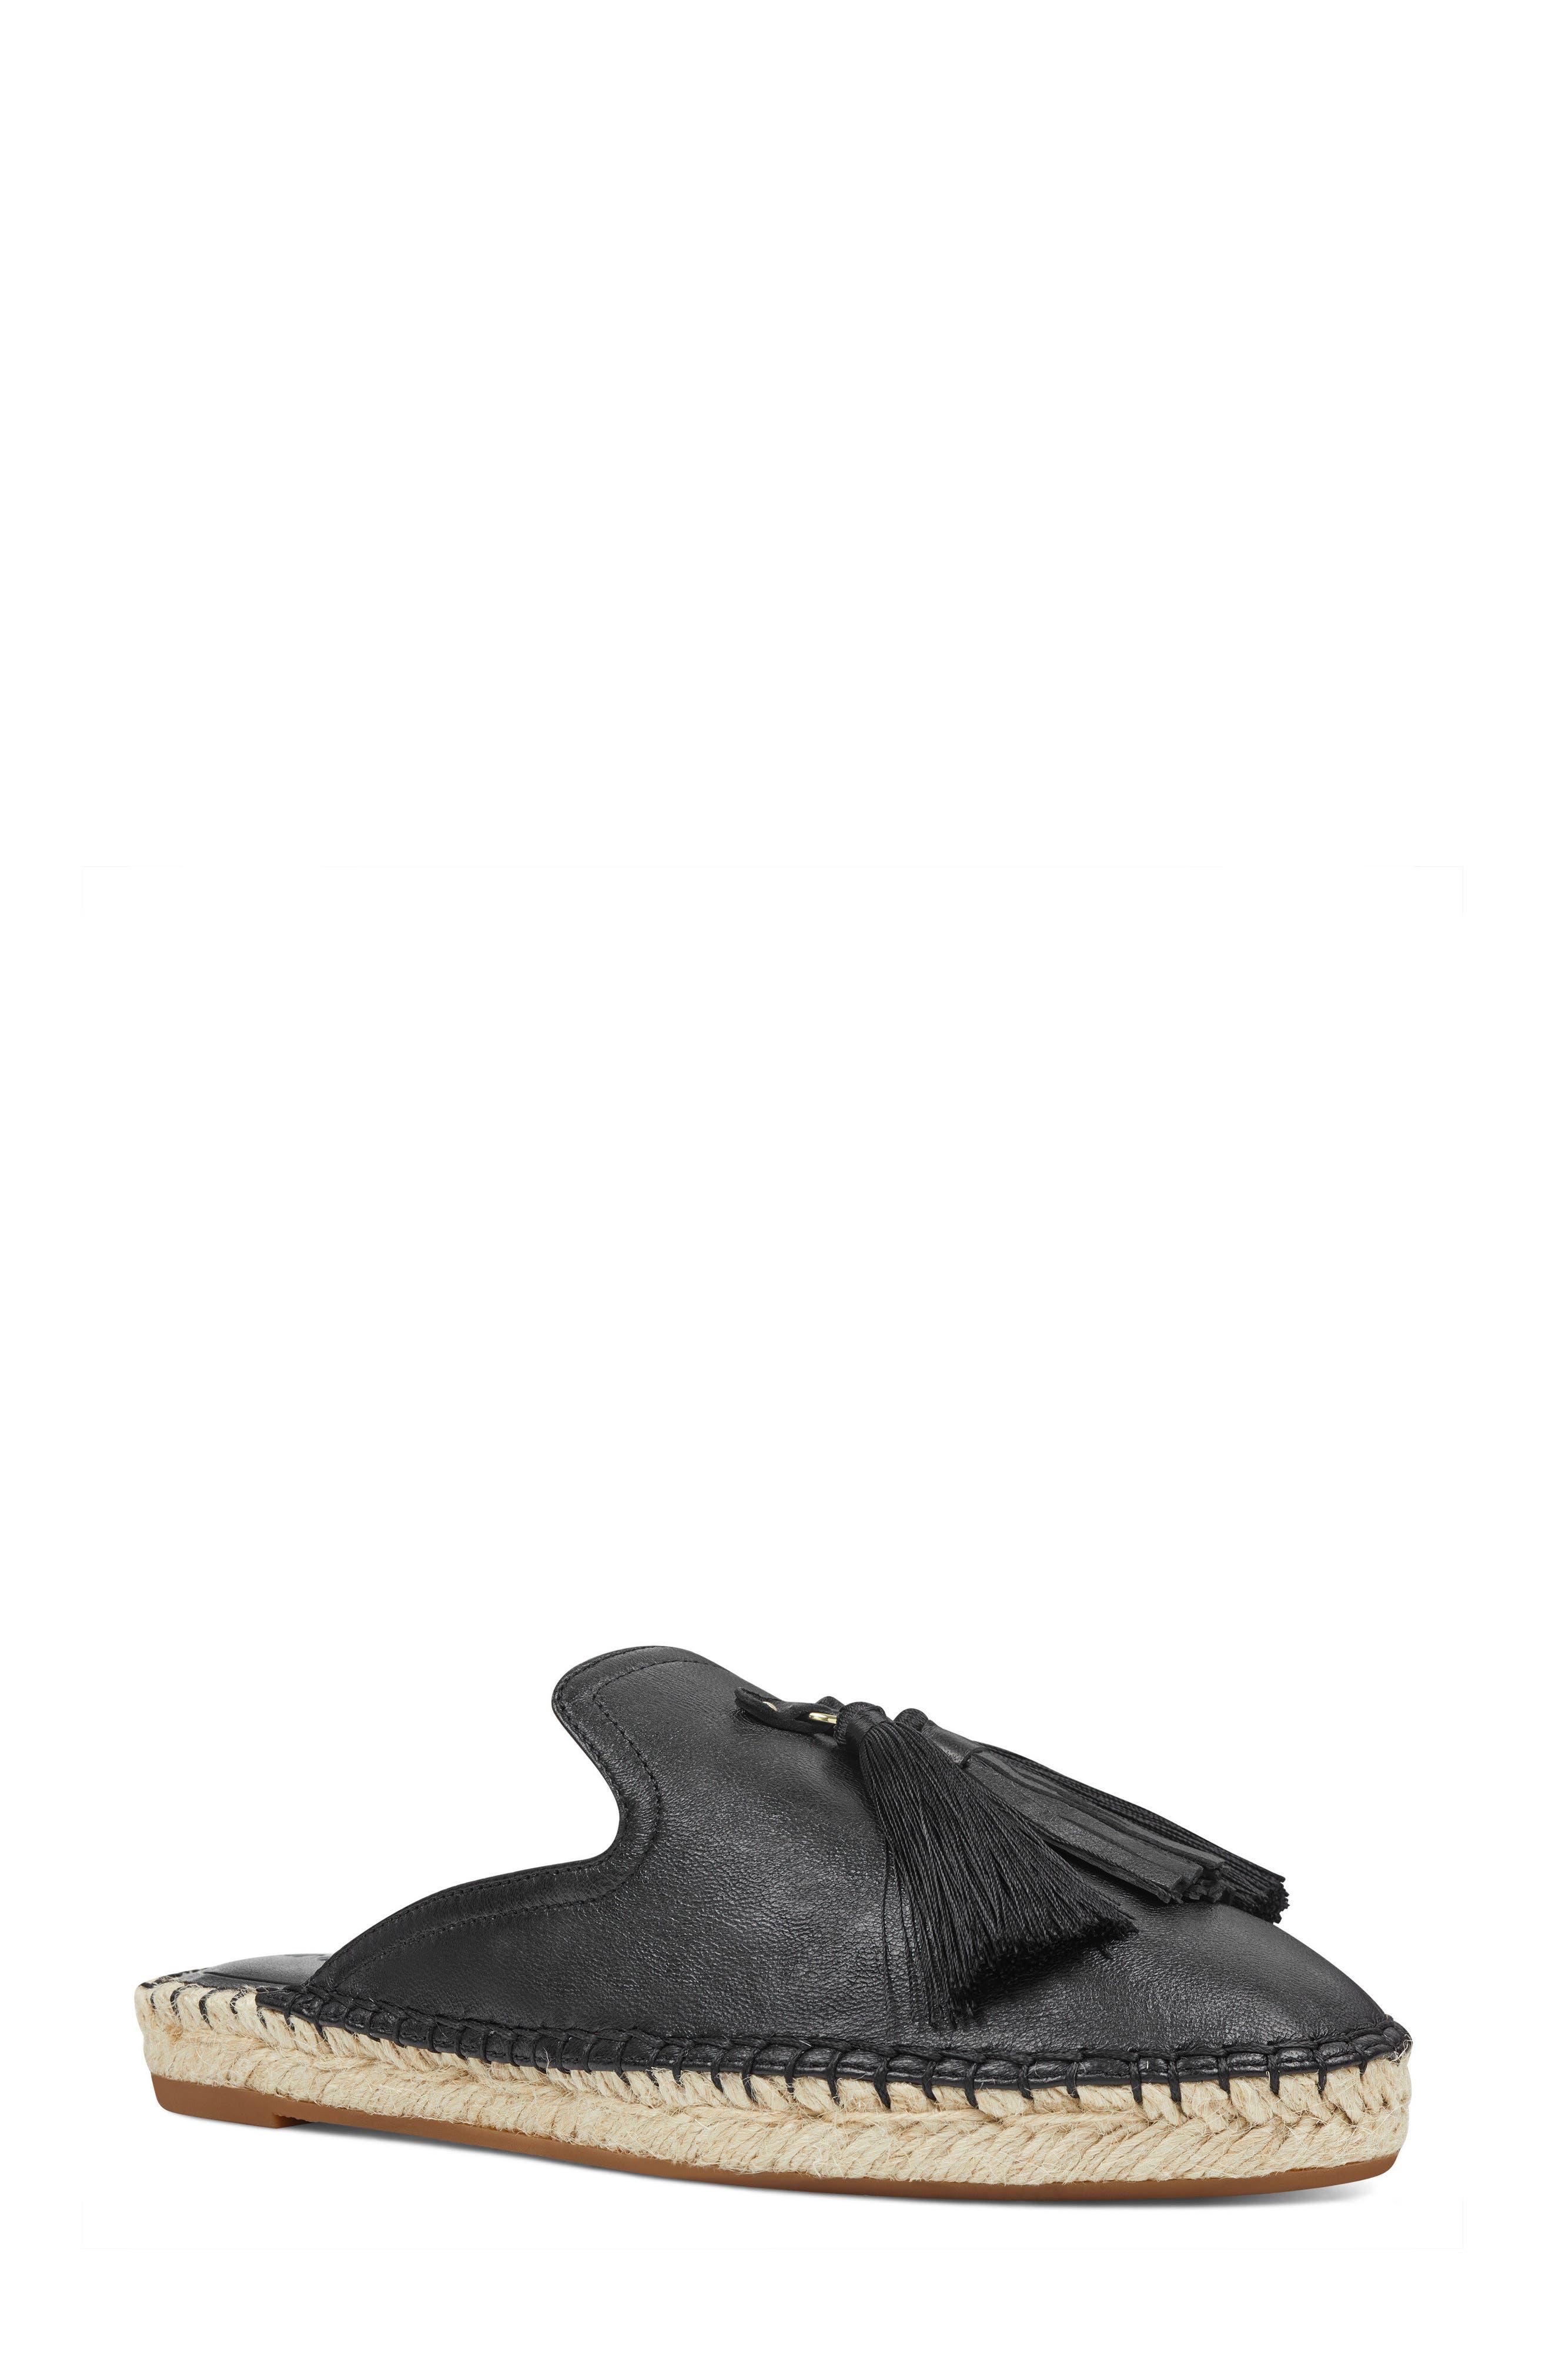 Val Tasseled Loafer Mule,                         Main,                         color, 001